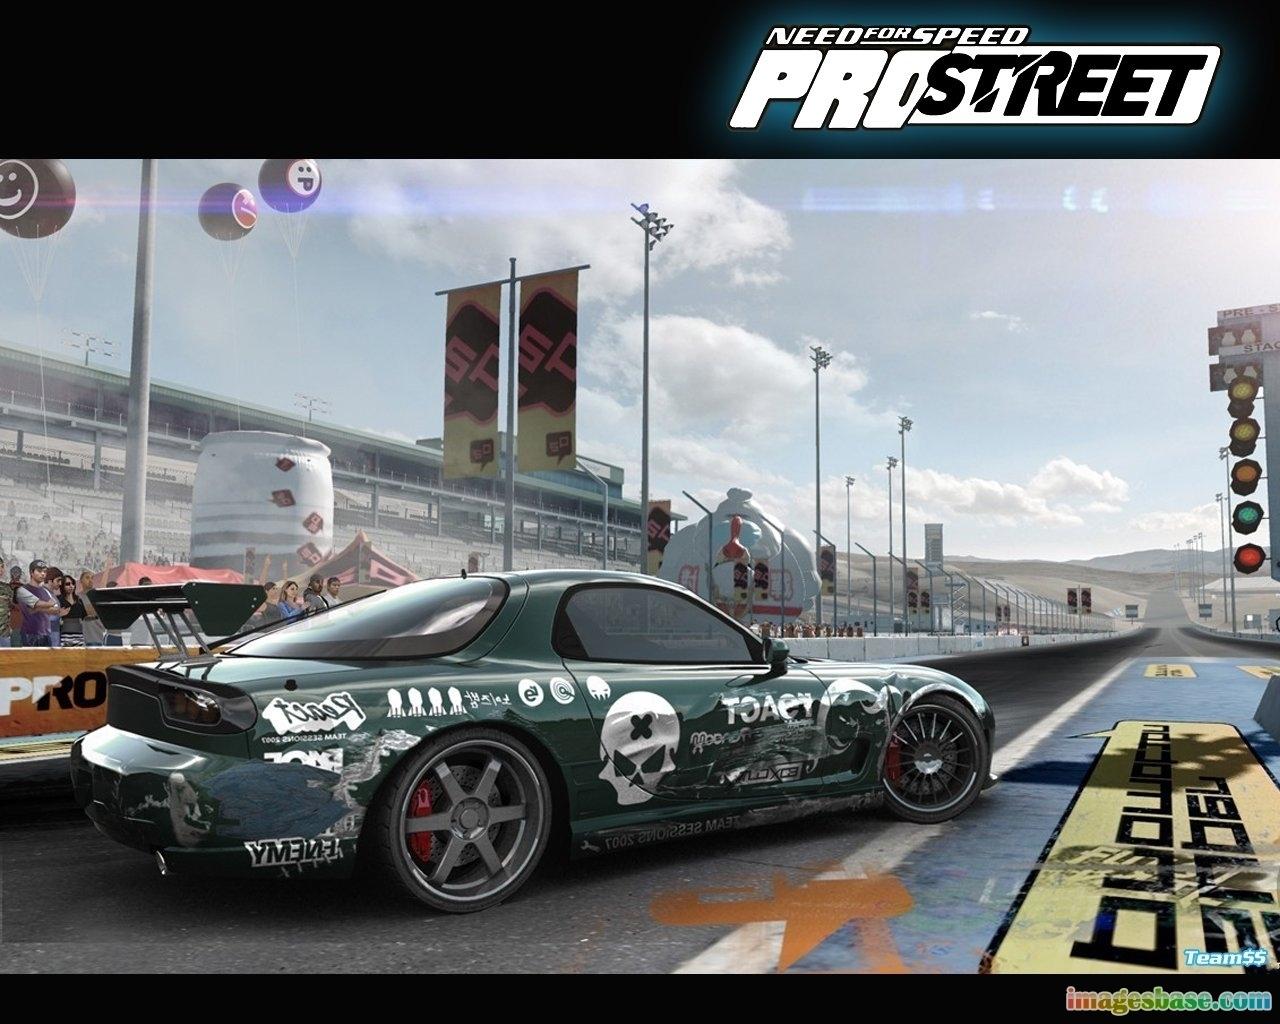 803 Hintergrundbild herunterladen Spiele, Transport, Auto, Prostreet, Need For Speed, Mazda - Bildschirmschoner und Bilder kostenlos